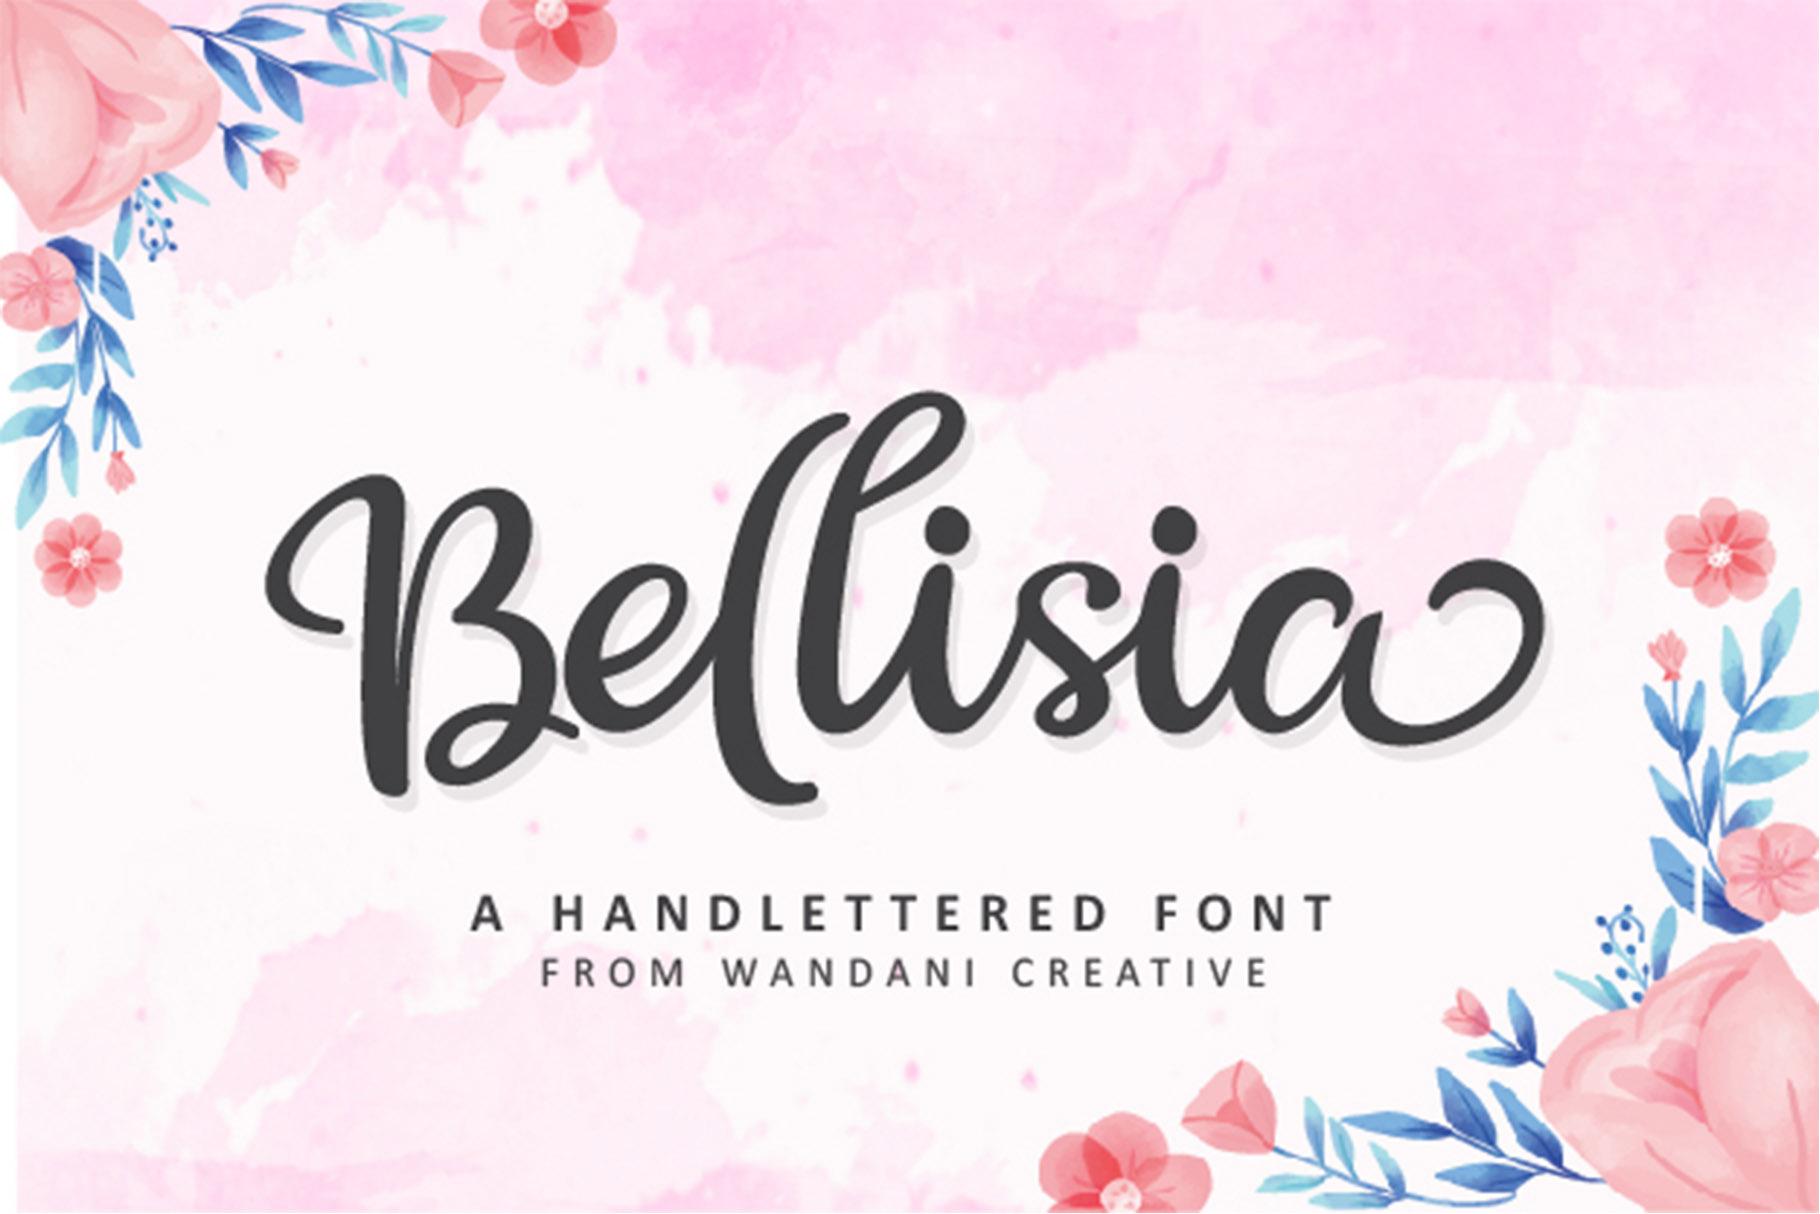 Best Seller Font Bundle example image 2